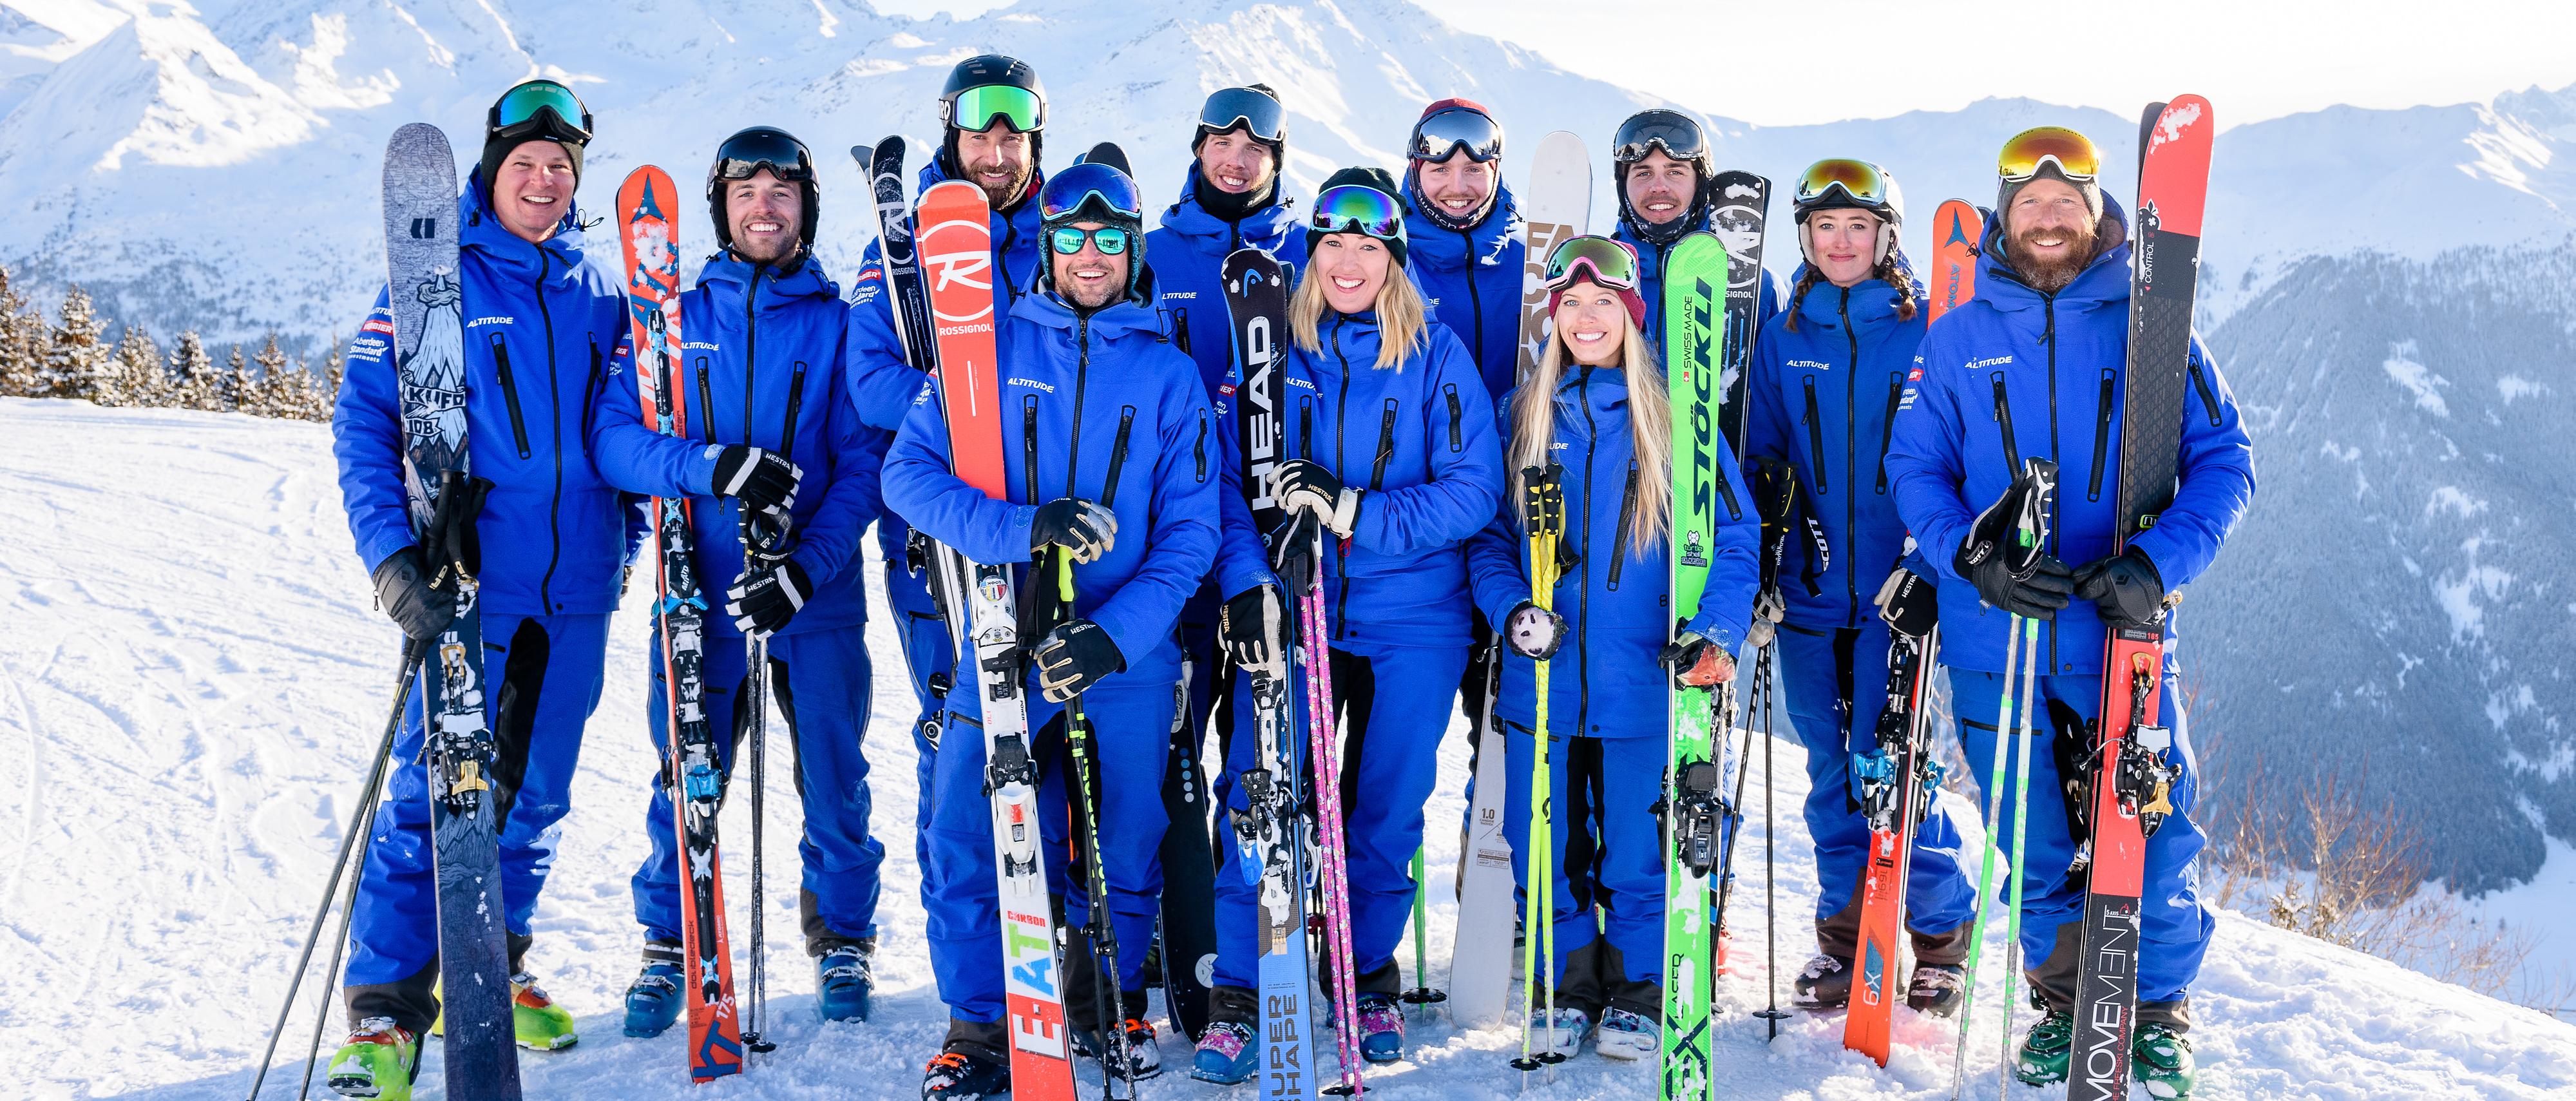 best ski school in verbier